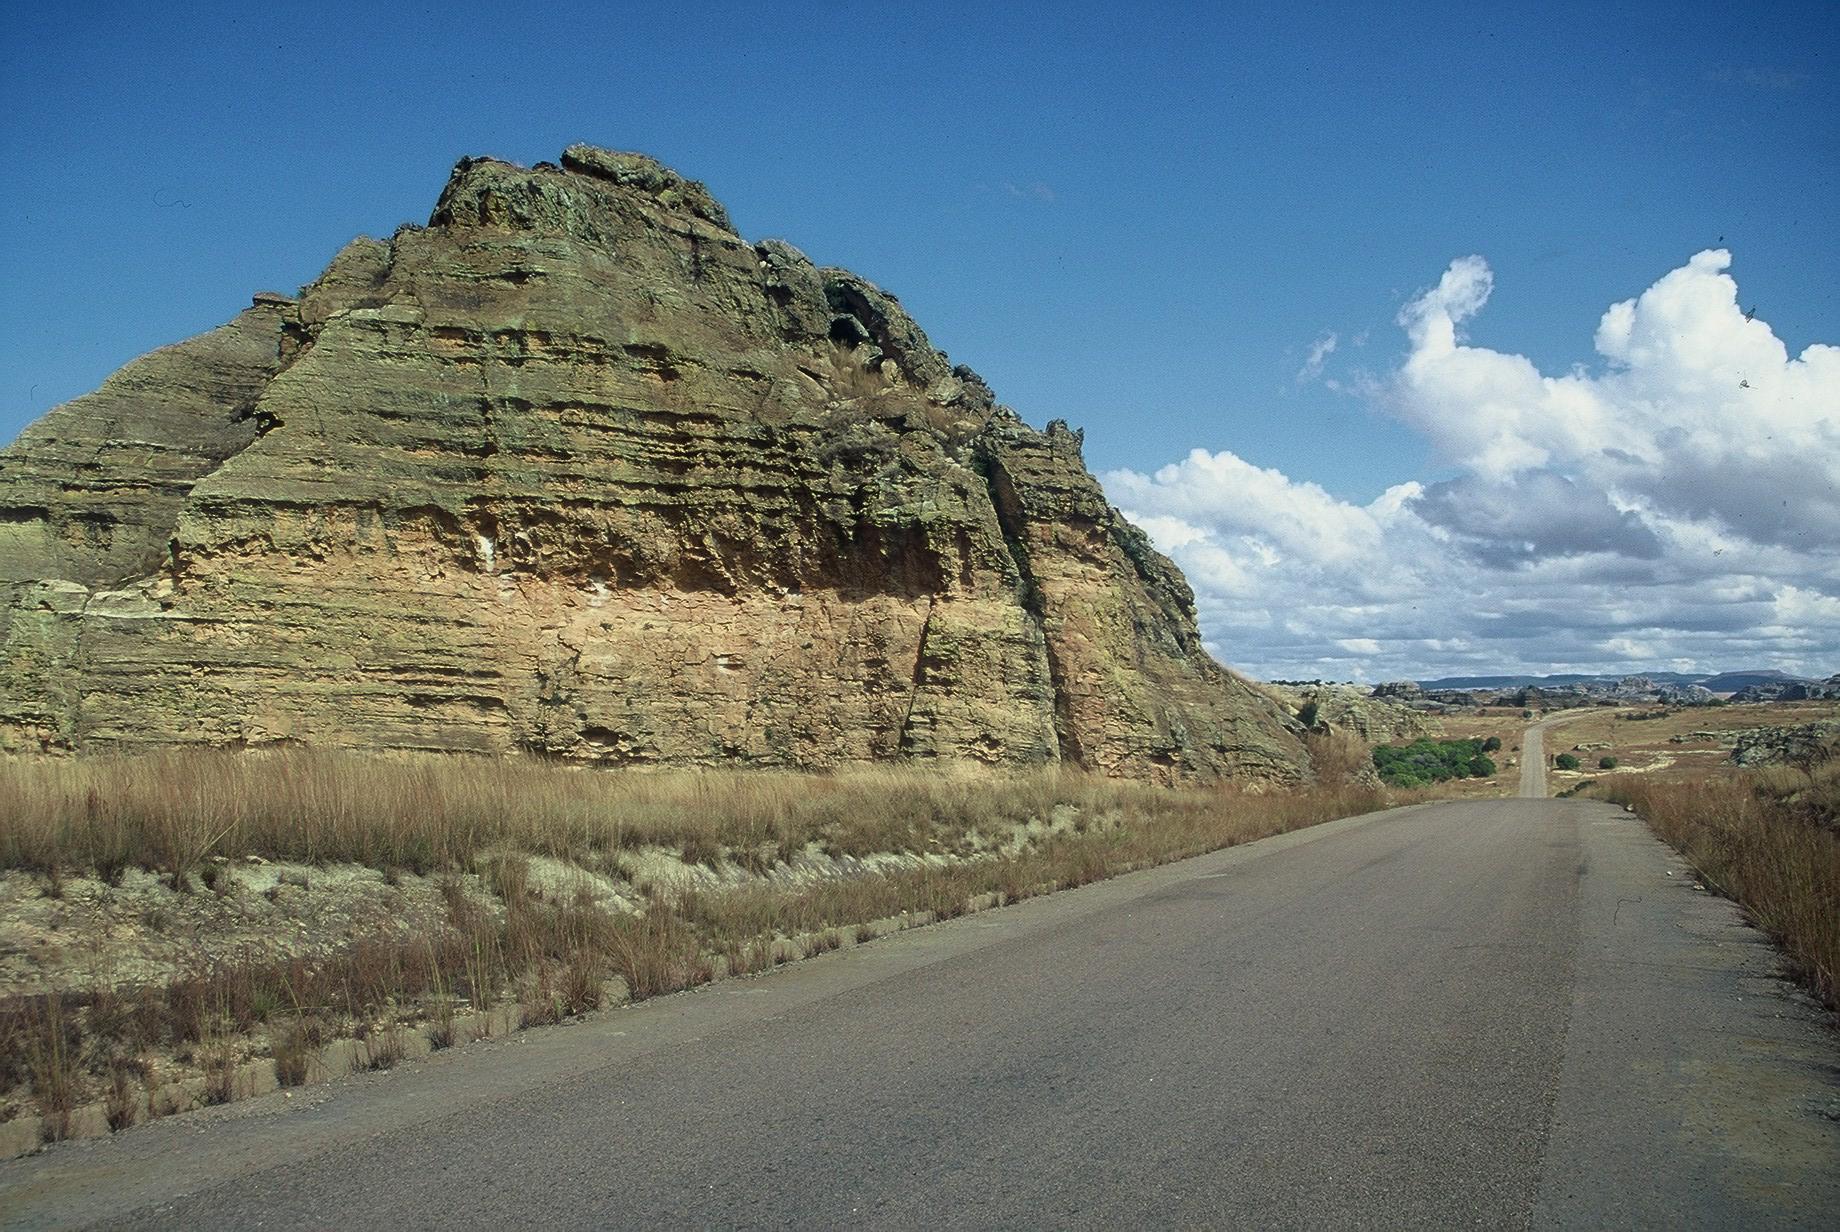 Route du sud malgache